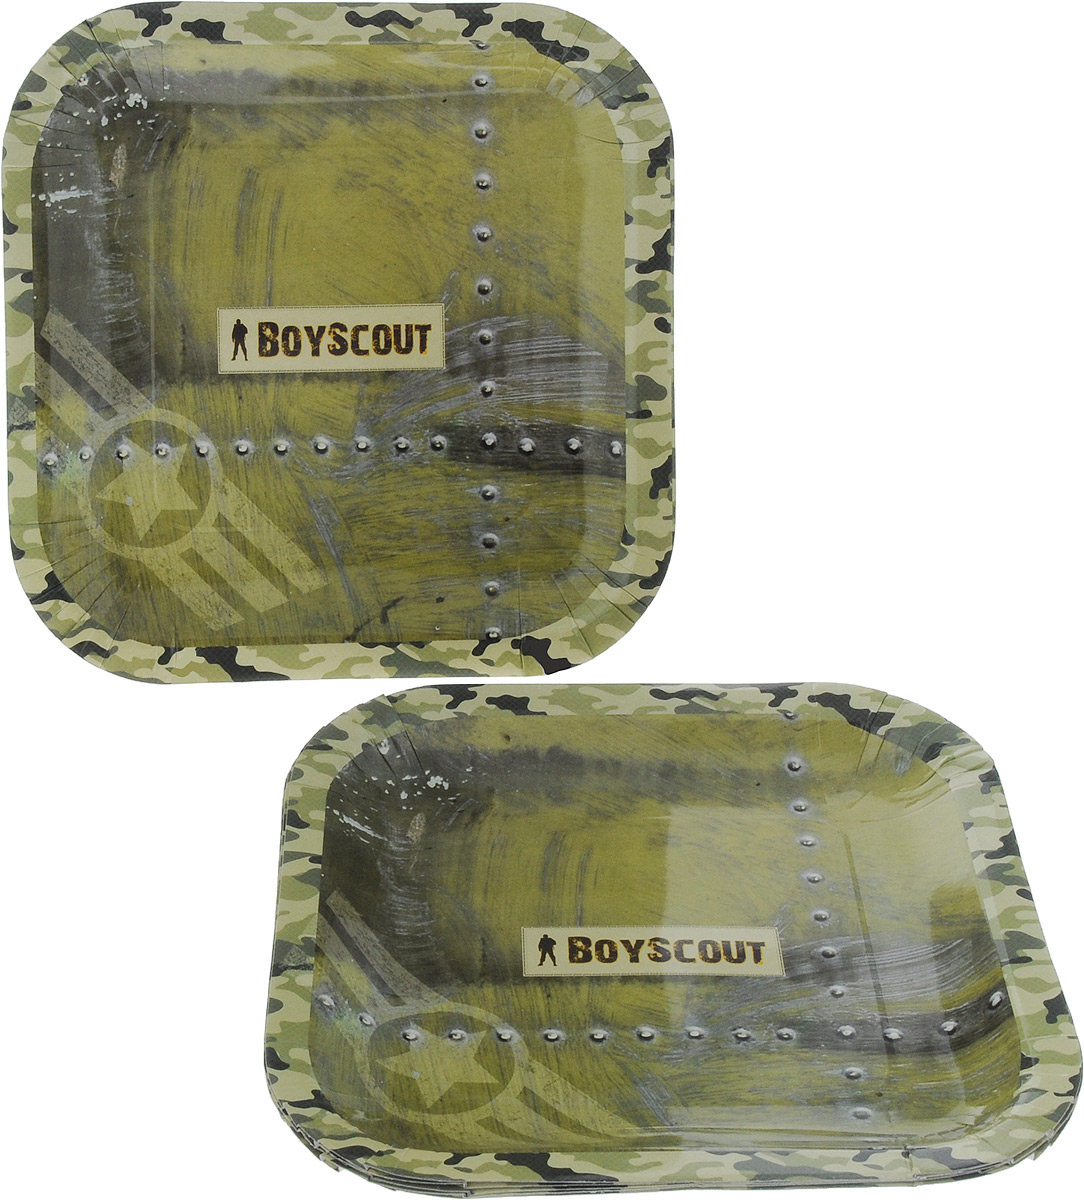 Набор одноразовых тарелок Boyscout, 23 х 23 см, 6 штVT-1520(SR)Набор Boyscout состоит из 6 квадратных тарелок с рисунком под камуфляж, выполненных из картона с защитным покрытием. Тарелки отлично подходят для холодных и горячих продуктов. Одноразовая посуда незаменима в поездках на природу и на пикниках. Она не займет много места, легка и самое главное - после использования ее не надо мыть.